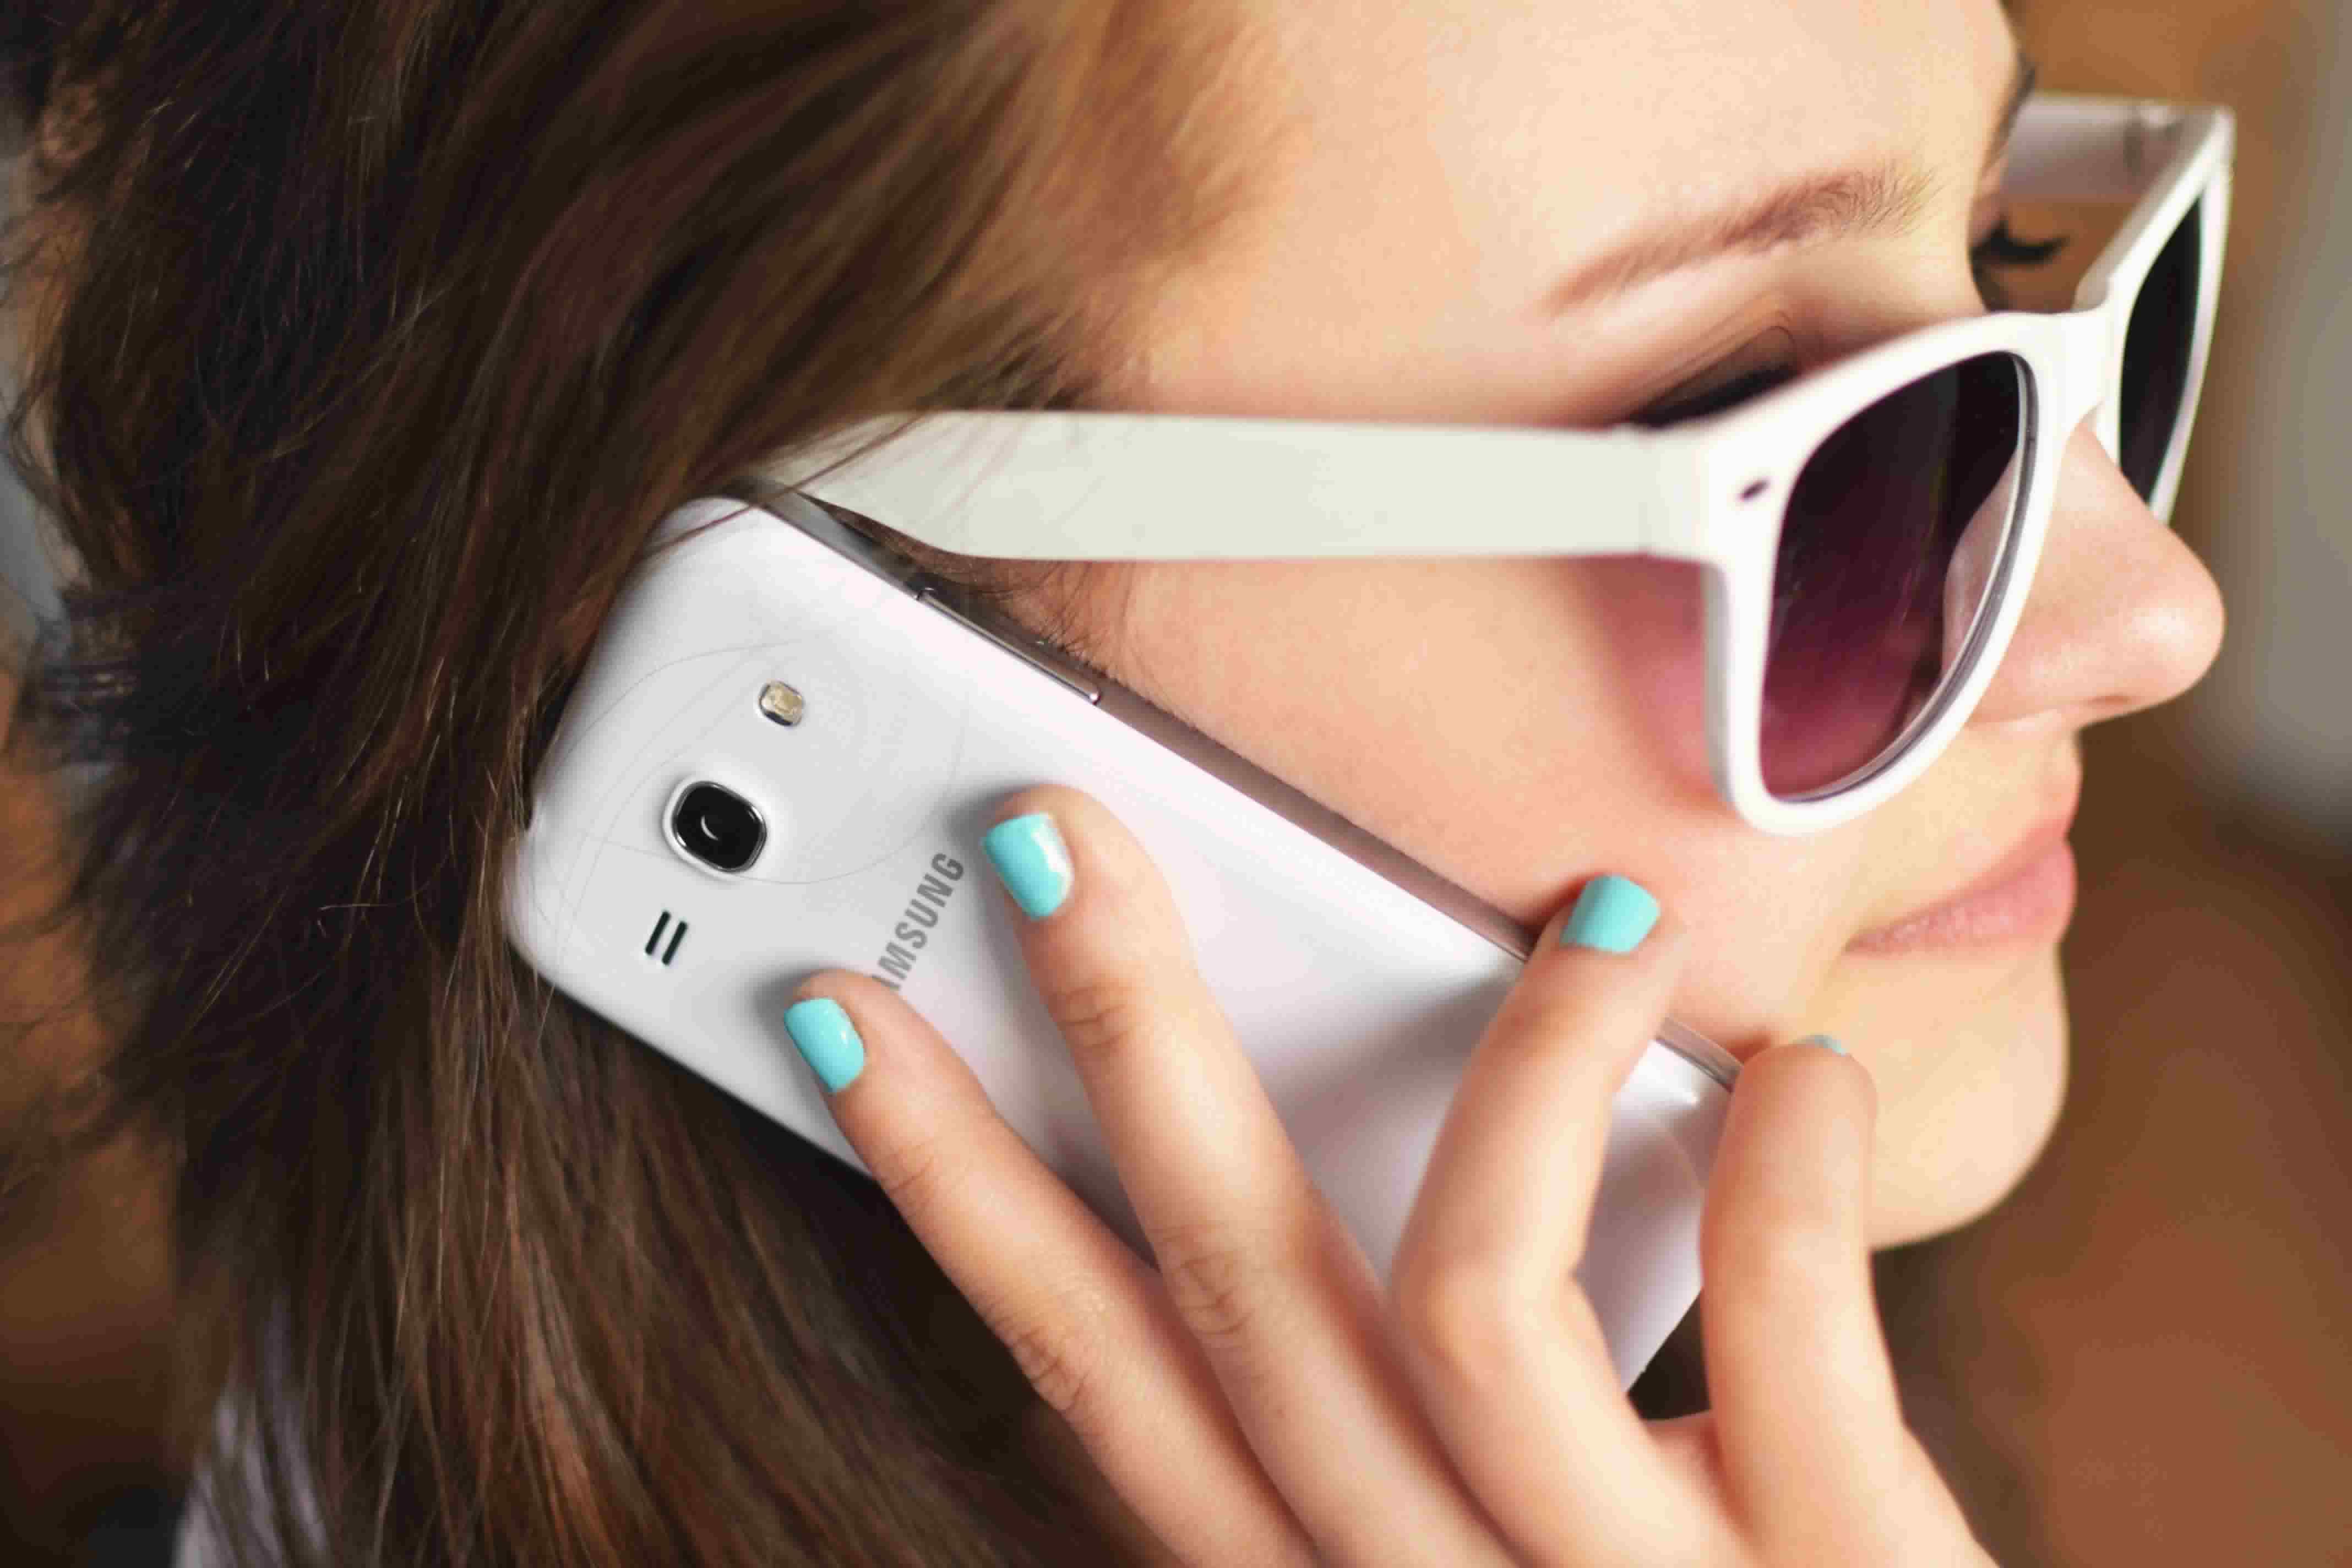 person-sunglasses-woman-smartphone-1